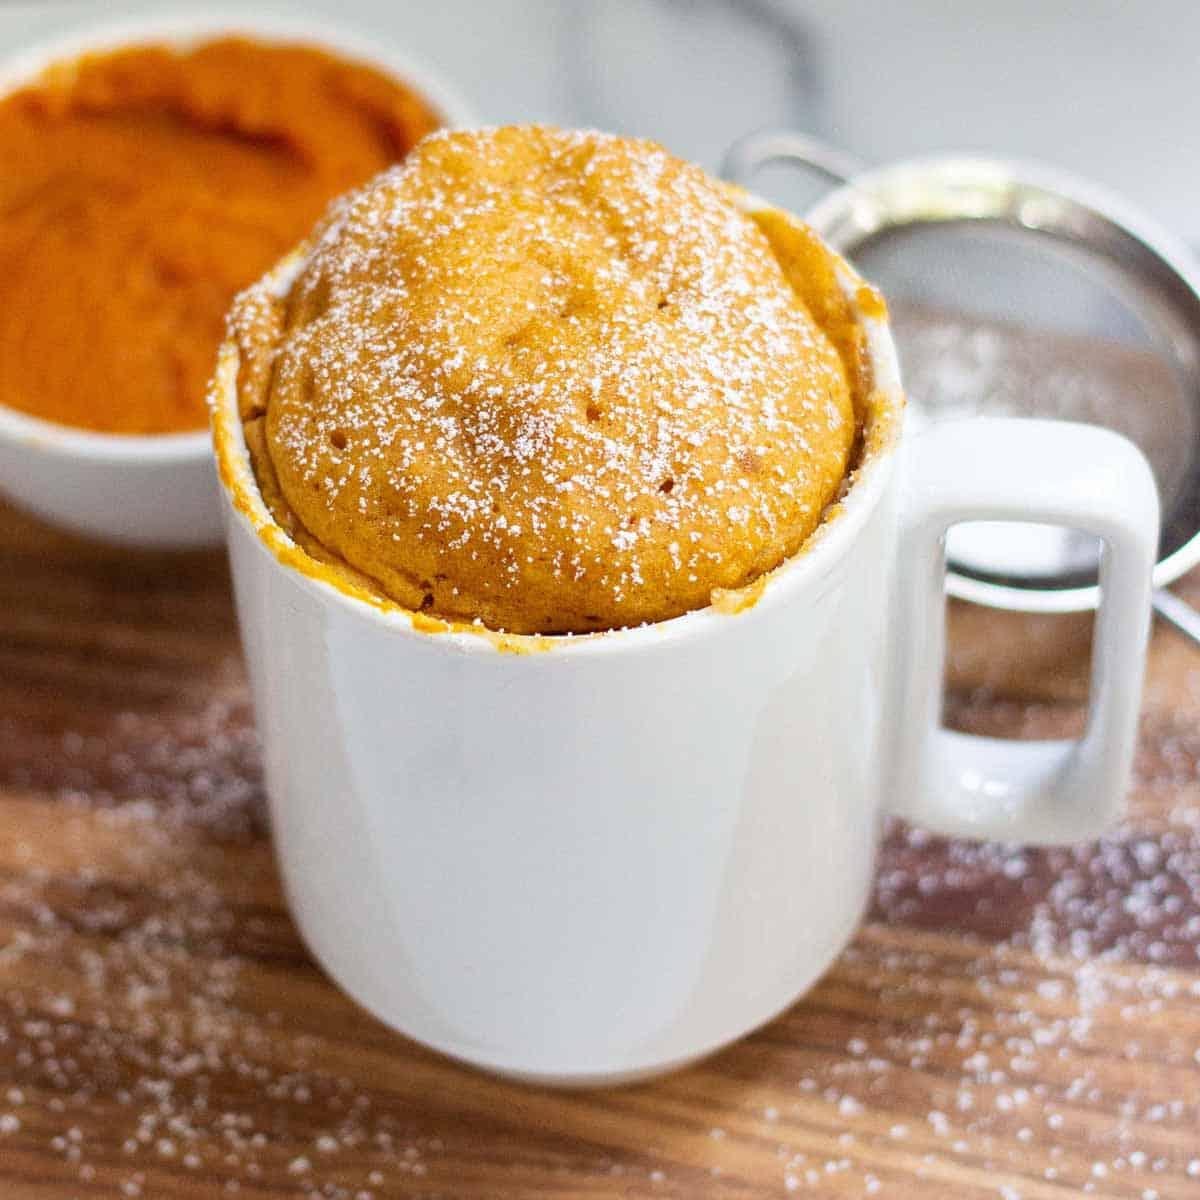 Pumpkin Mug Cake in a 12 oz mug dusted with powdered sugar.